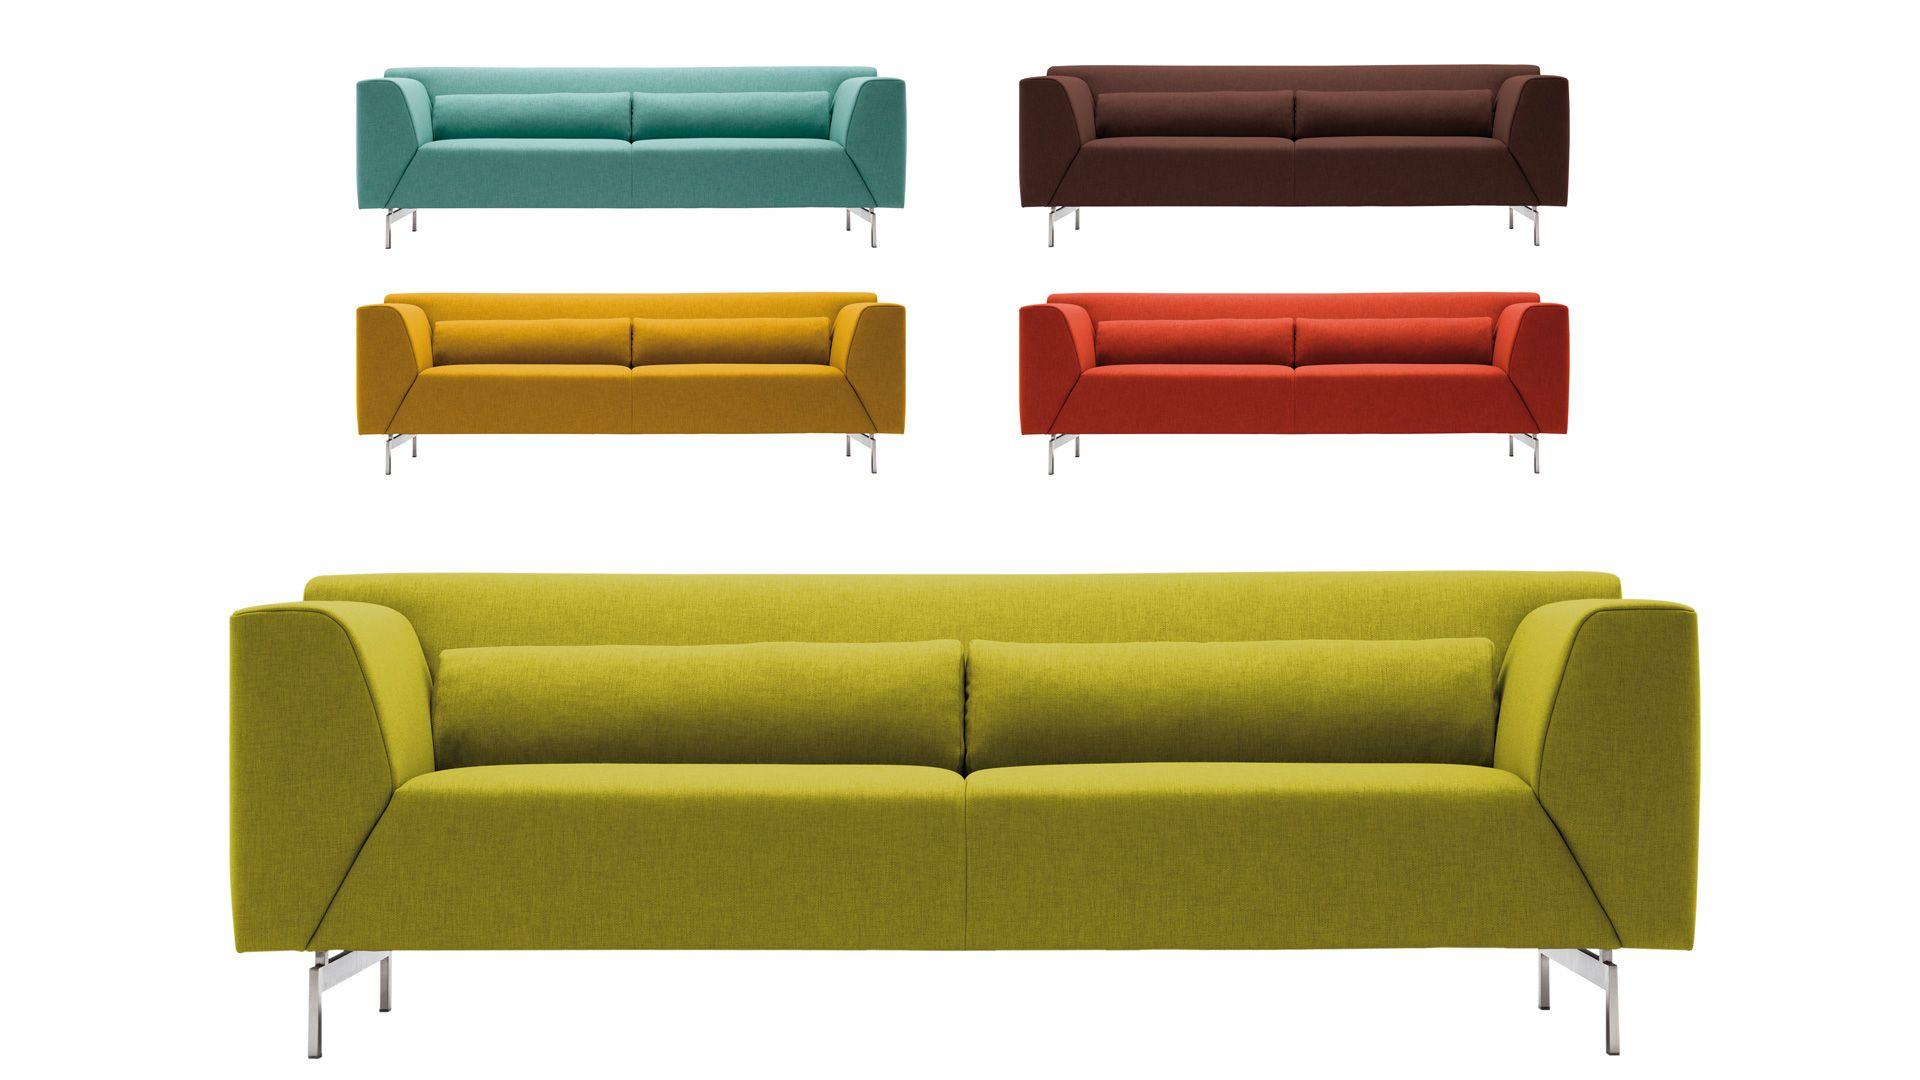 rolf benz linea eenvoudige lijnen maken het designwaardig actieprijzen in enkele stoffen en. Black Bedroom Furniture Sets. Home Design Ideas